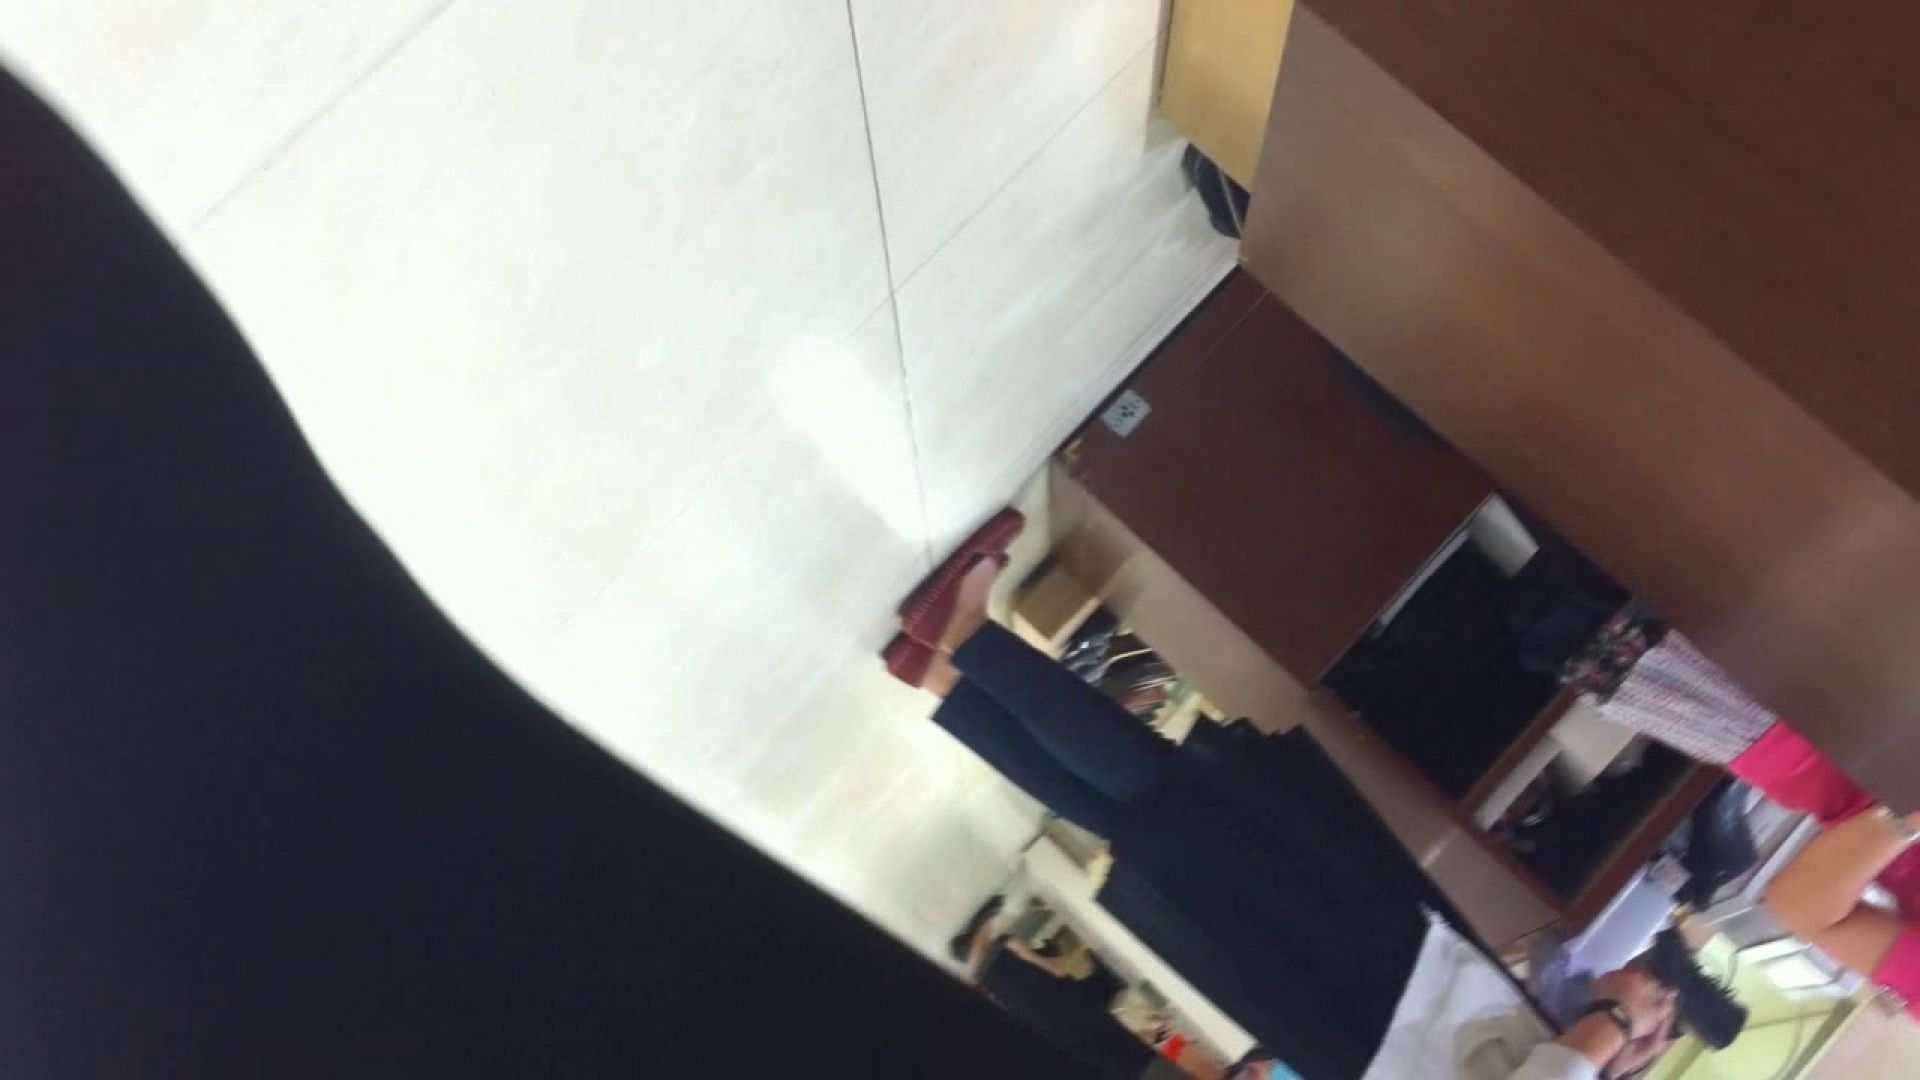 フルHD ショップ店員千人斬り! 大画面ノーカット完全版 vol.59 OLエロ画像 覗きオメコ動画キャプチャ 27PICs 27